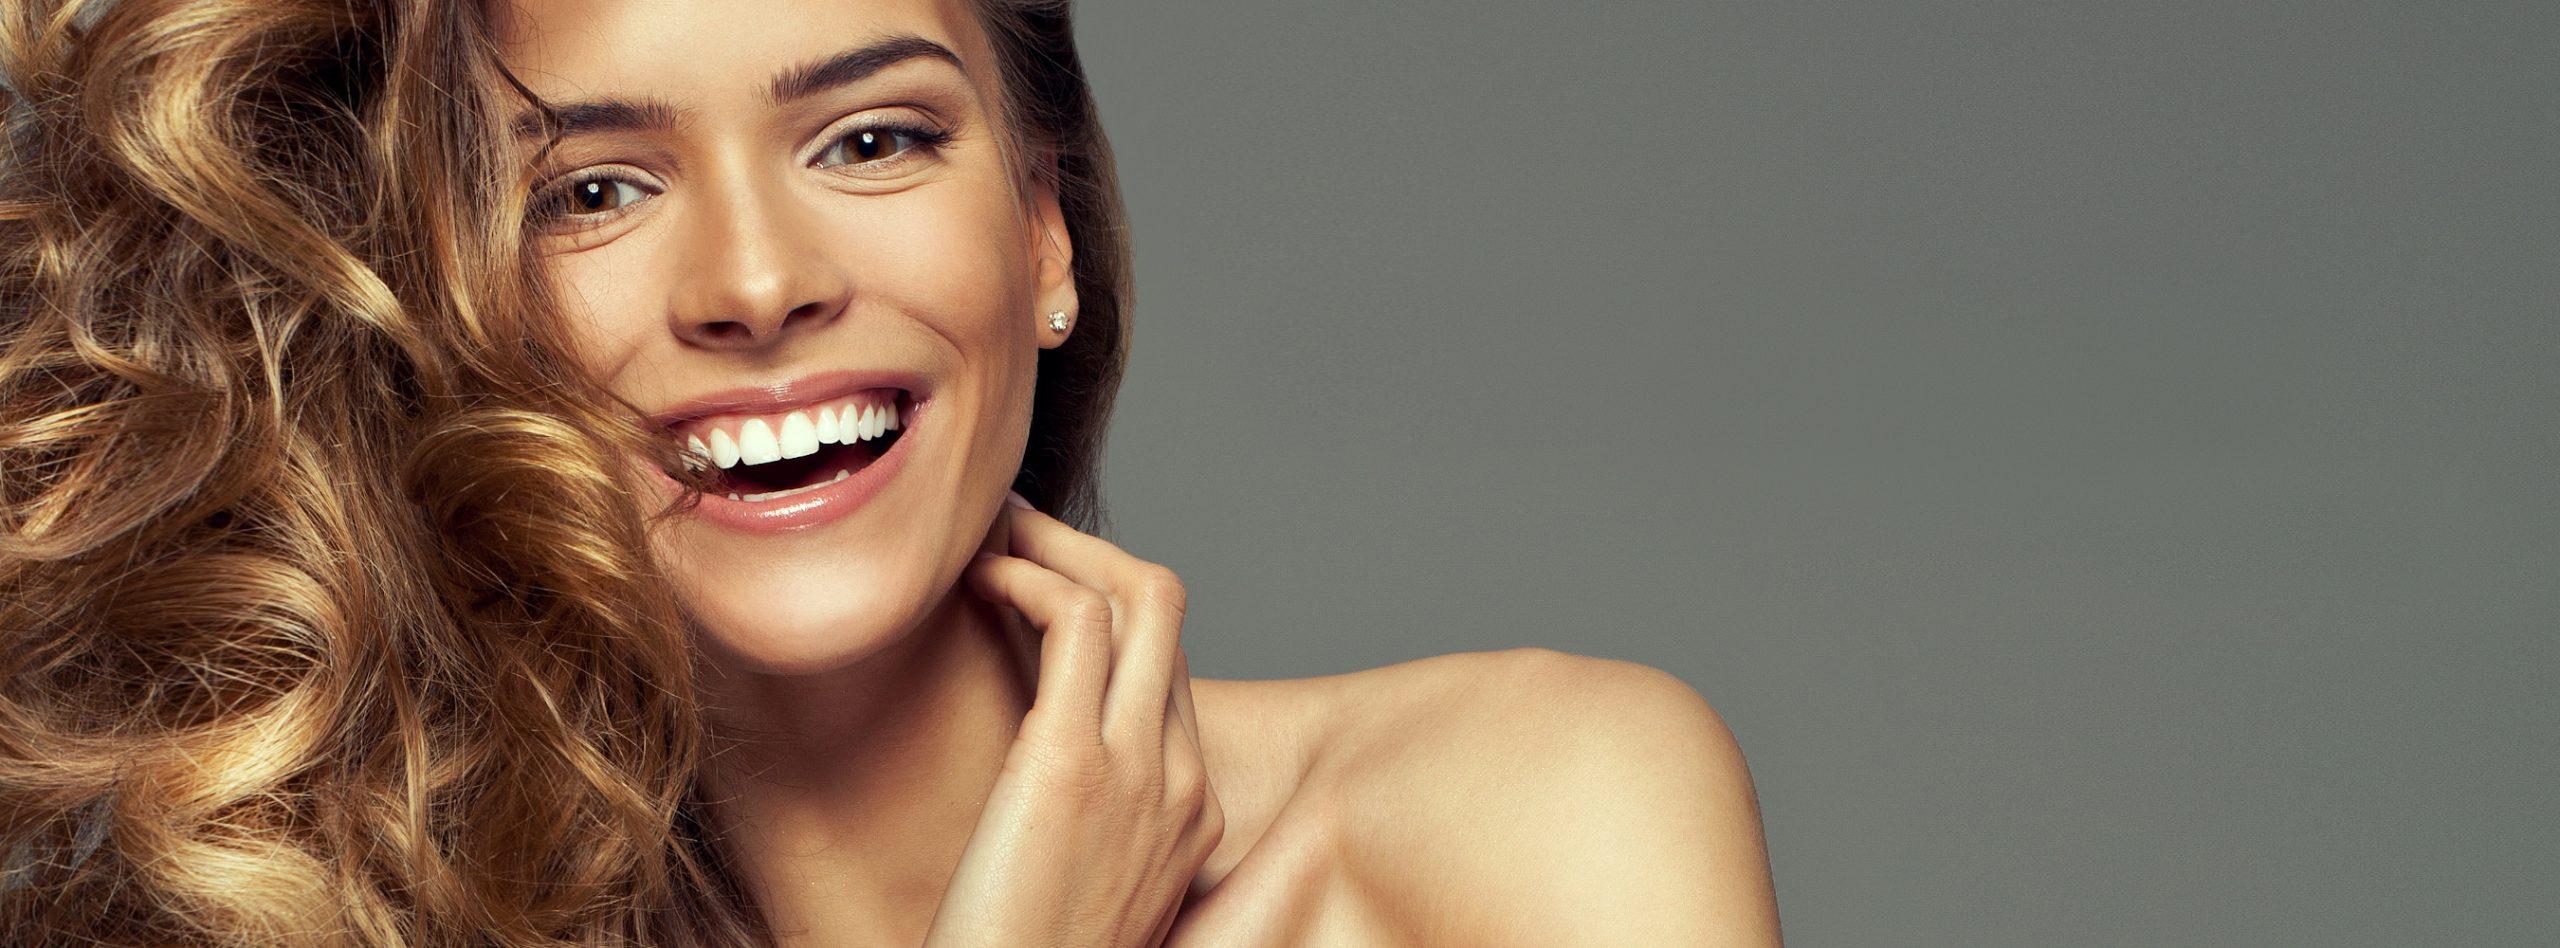 Frau mit langen, blonden Haaren und strahlendem Lächeln